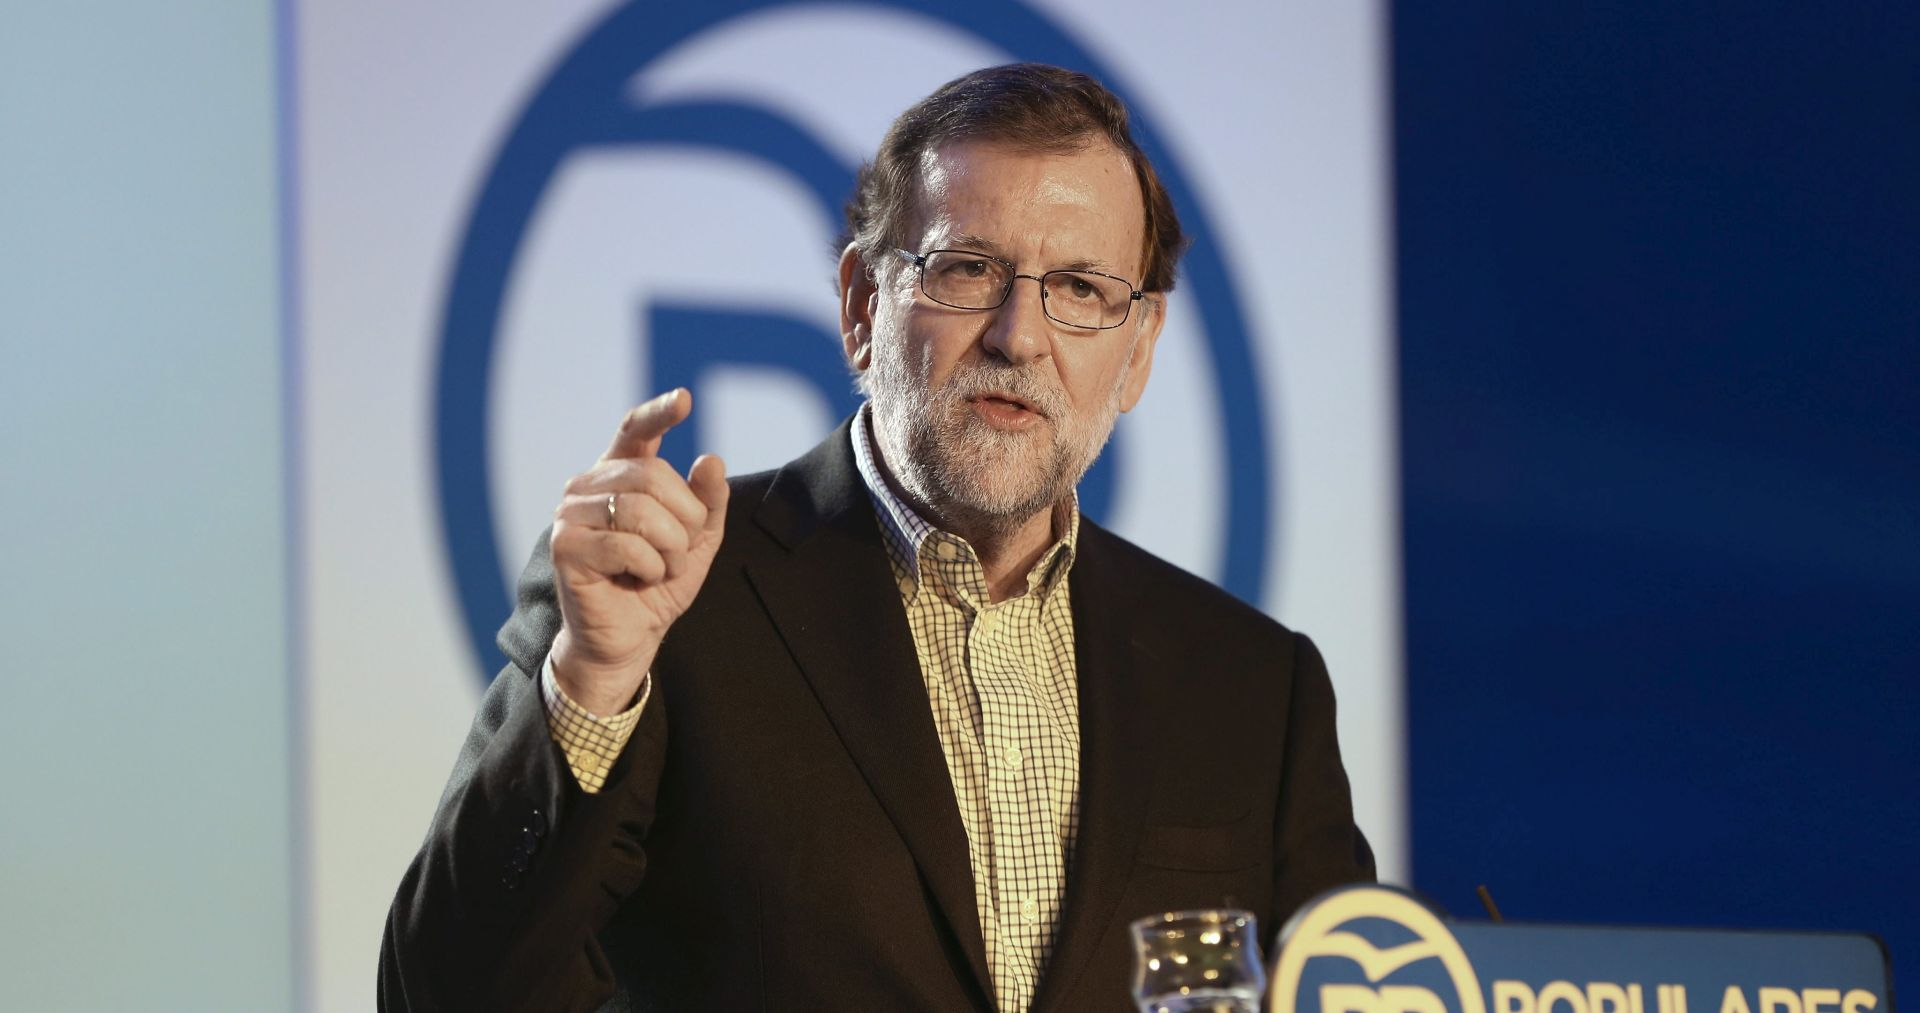 ŠPANJOLSKA Štrajk učenika uoči novog mandata premijera Rajoya